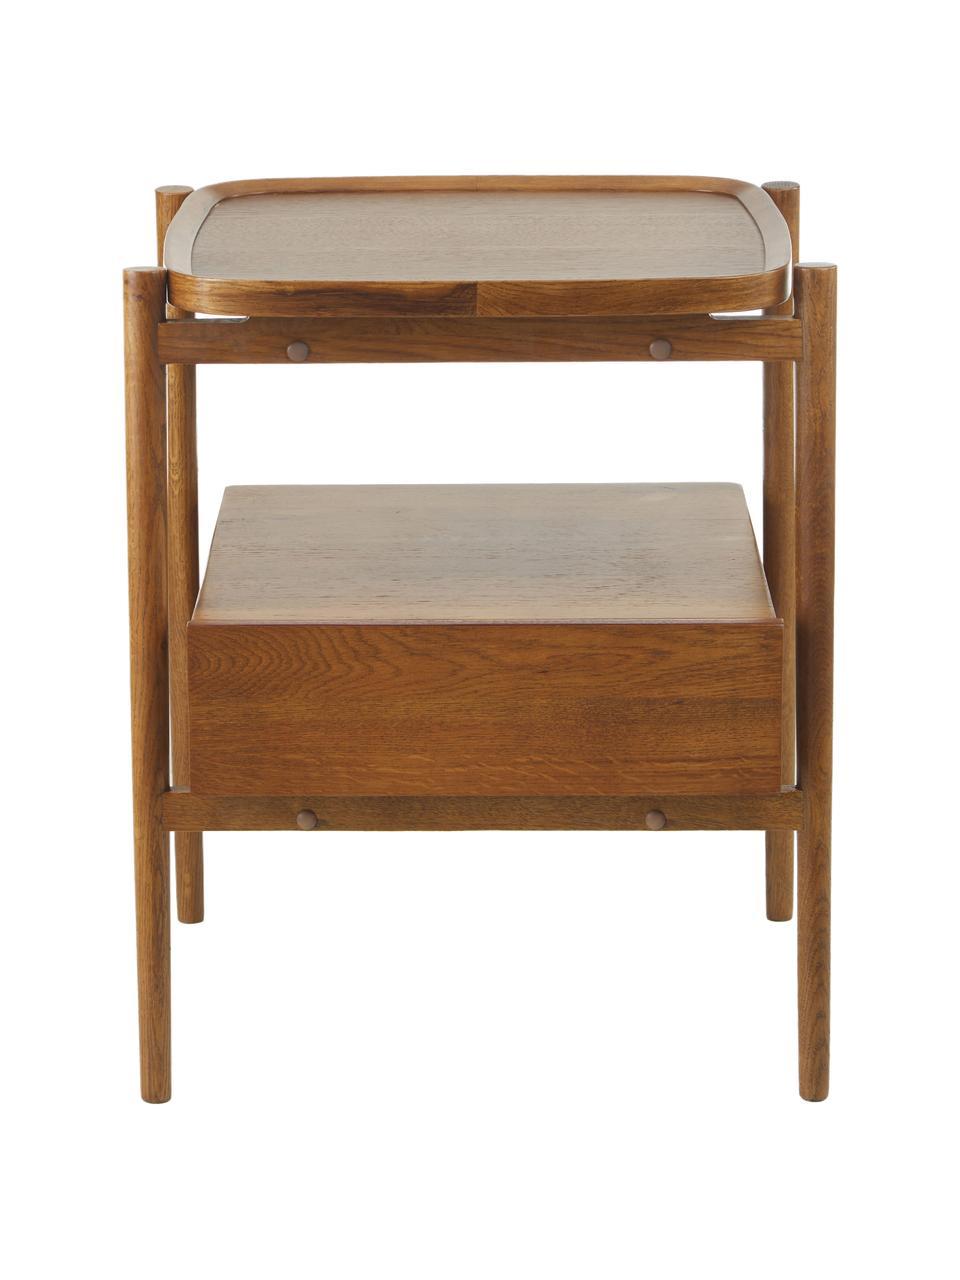 Stolik nocny z drewna dębowego Libby, Drewno orzecha włoskiego, S 49 x W 60 cm